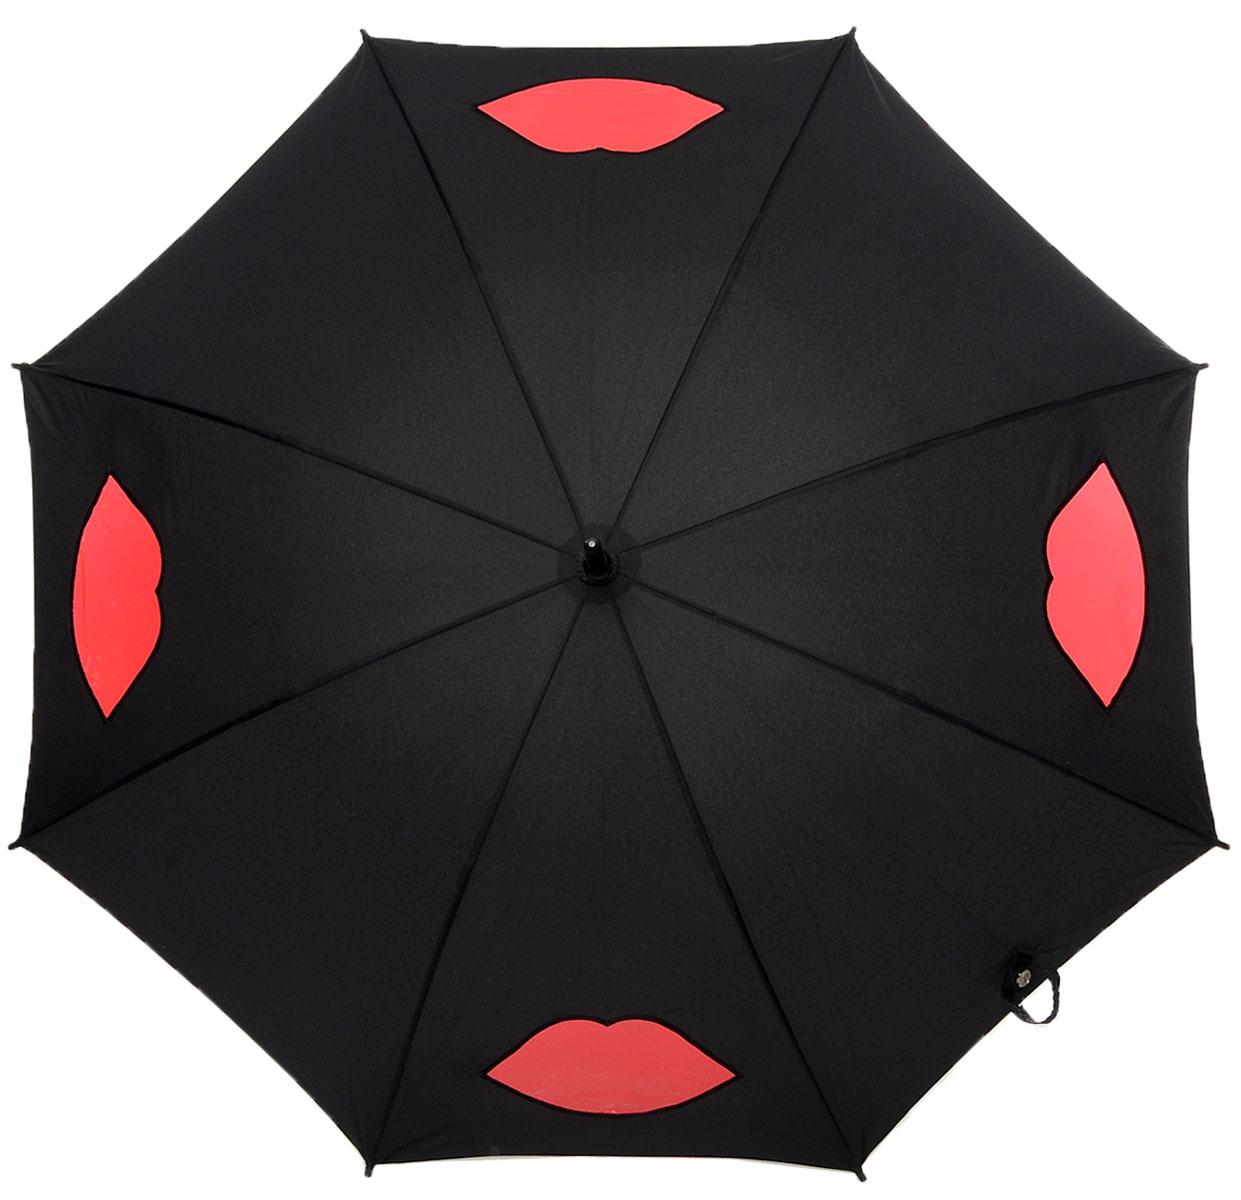 Зонт-трость женский Lulu Guinness Kensington, механический, цвет: черный, темно-красный. L777-287745100032/35449/3537AМодный механический зонт-трость Fulton Lulu Guinness даже в ненастную погоду позволит вам оставаться стильной и элегантной. Каркас зонта состоит из 8 спиц и стержня из фибергласса. Купол зонта выполнен из прочного полиэстера и оформлен вставками в виде губ, которые выполнены из полупрозрачного материала. Изделие оснащено удобной рукояткой из дерева.Зонт механического сложения: купол открывается и закрывается вручную до характерного щелчка.Модель закрывается при помощи хлястика на кнопке.Такой зонт не только надежно защитит вас от дождя, но и станет стильным аксессуаром, который идеально подчеркнет ваш неповторимый образ.